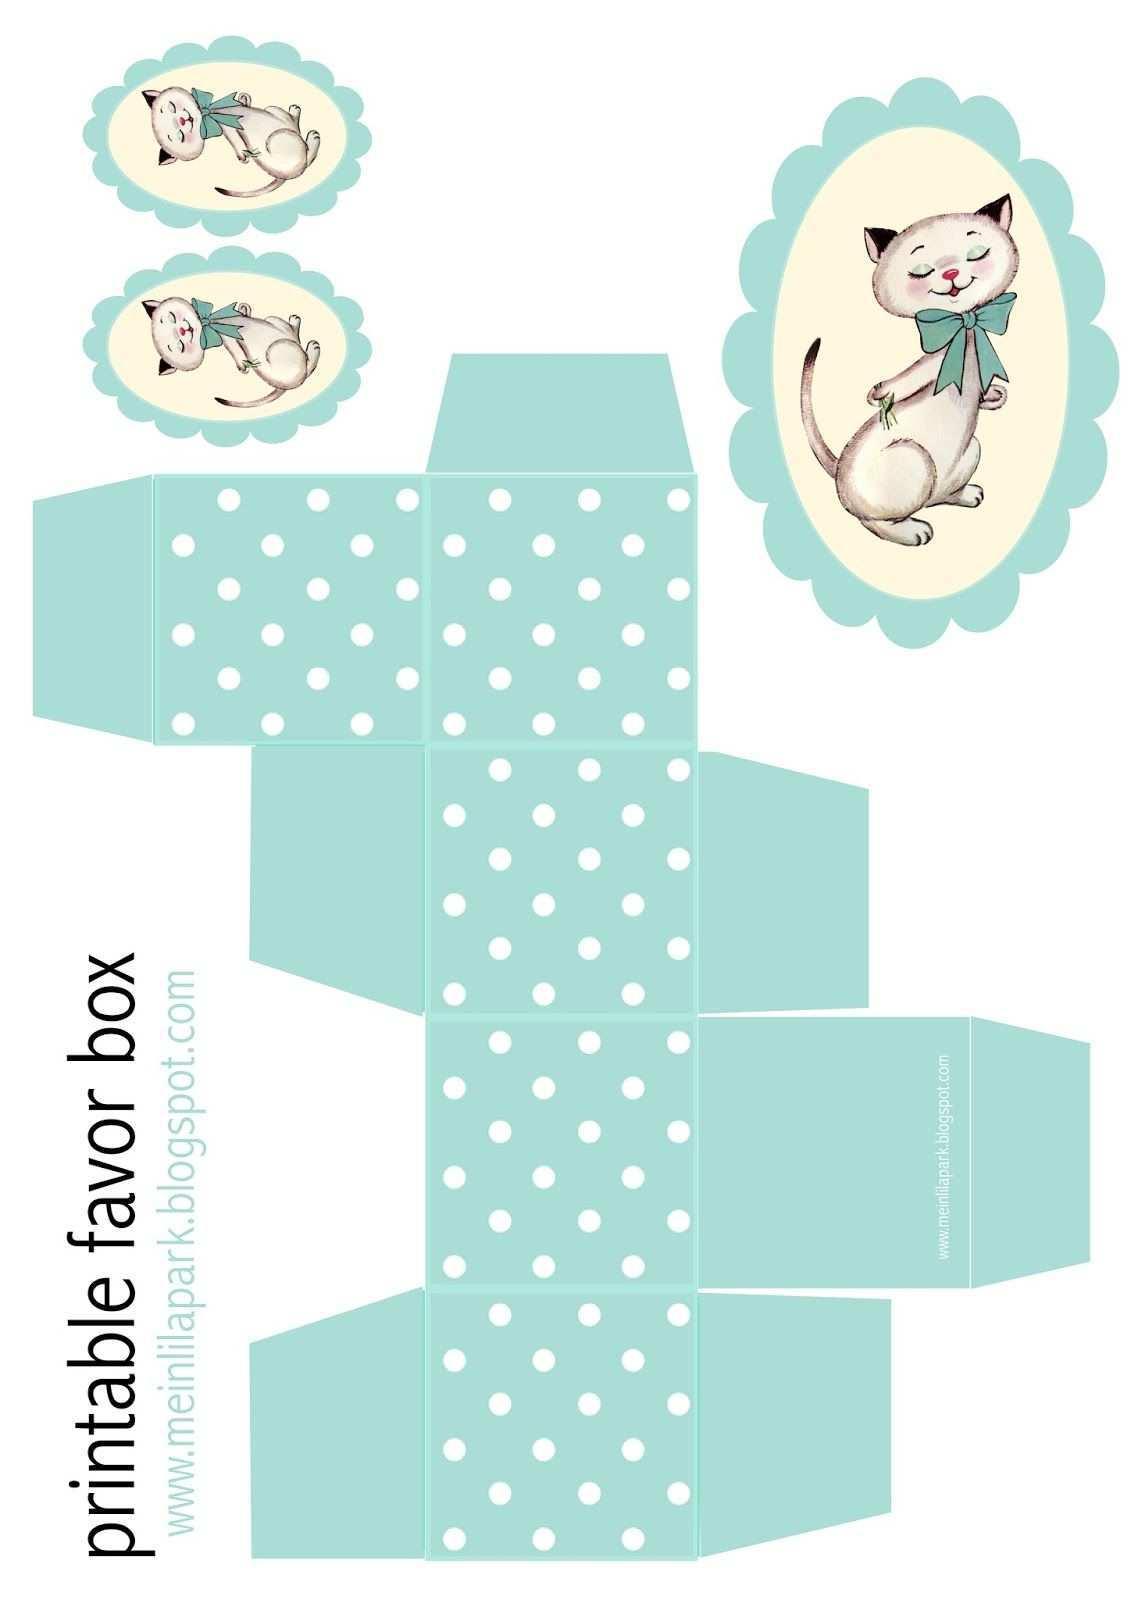 Free Printable Polka Dot Box And Kitty Tag Ausdruckbare Geschenkbox Freebie Pappschachtel Vorlage Geschenkbox Aus Papier Basteln Mit Papier